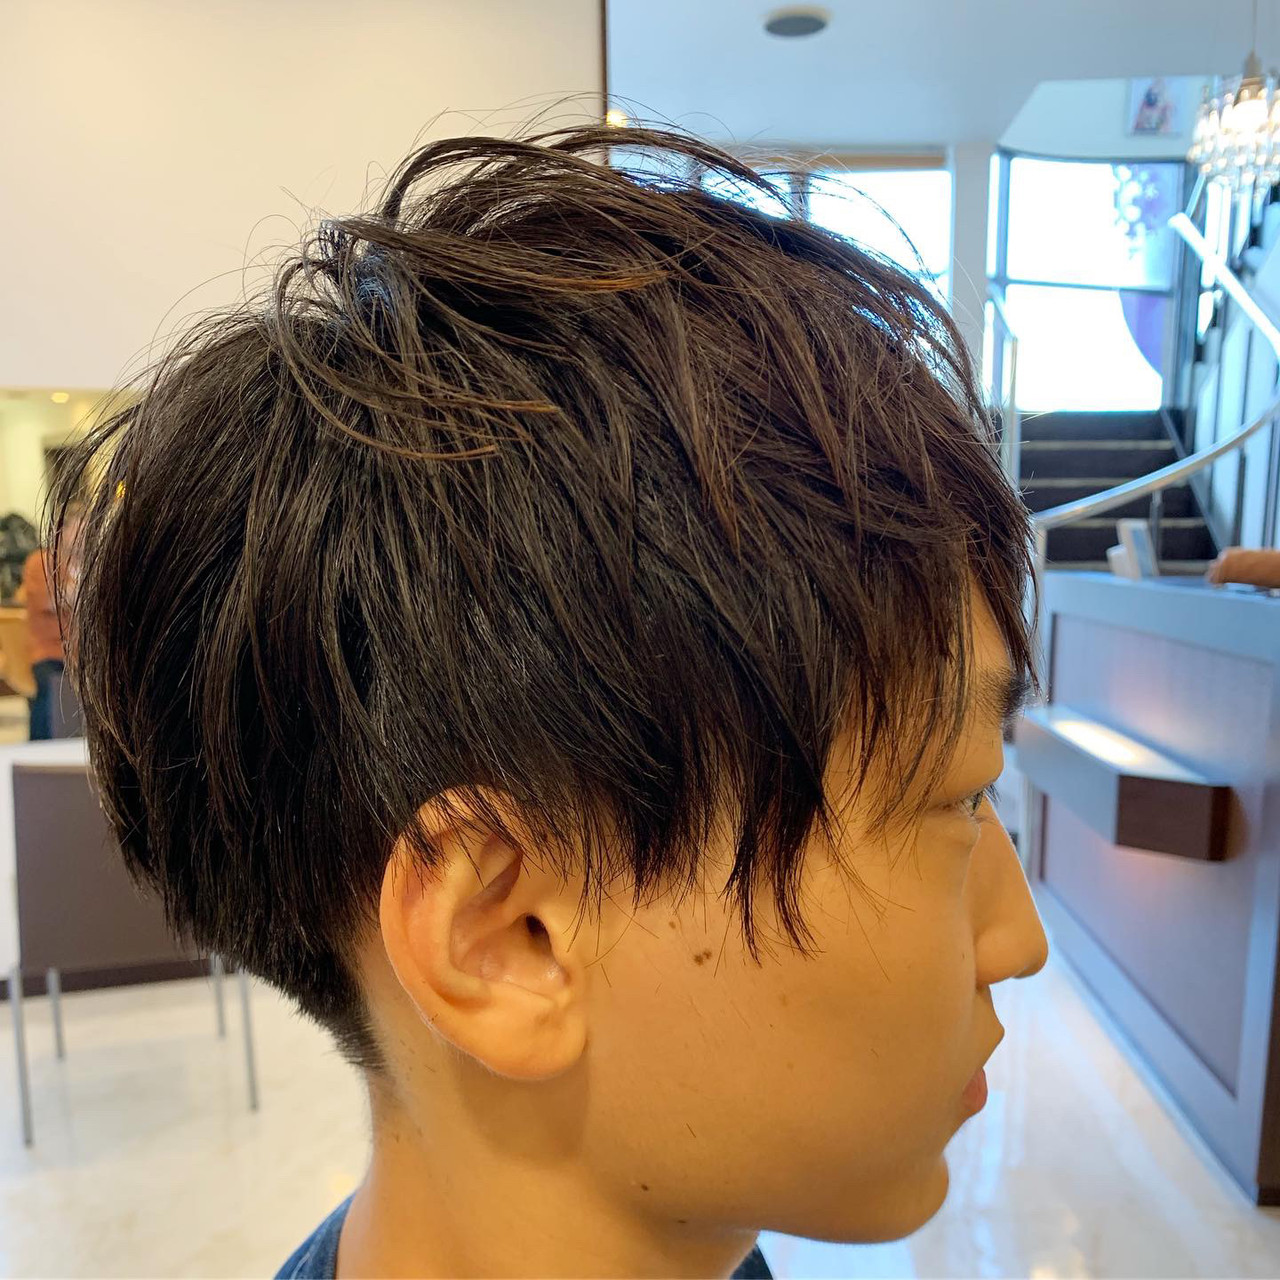 メンズ ショート メンズカット メンズショートヘアスタイルや髪型の写真・画像